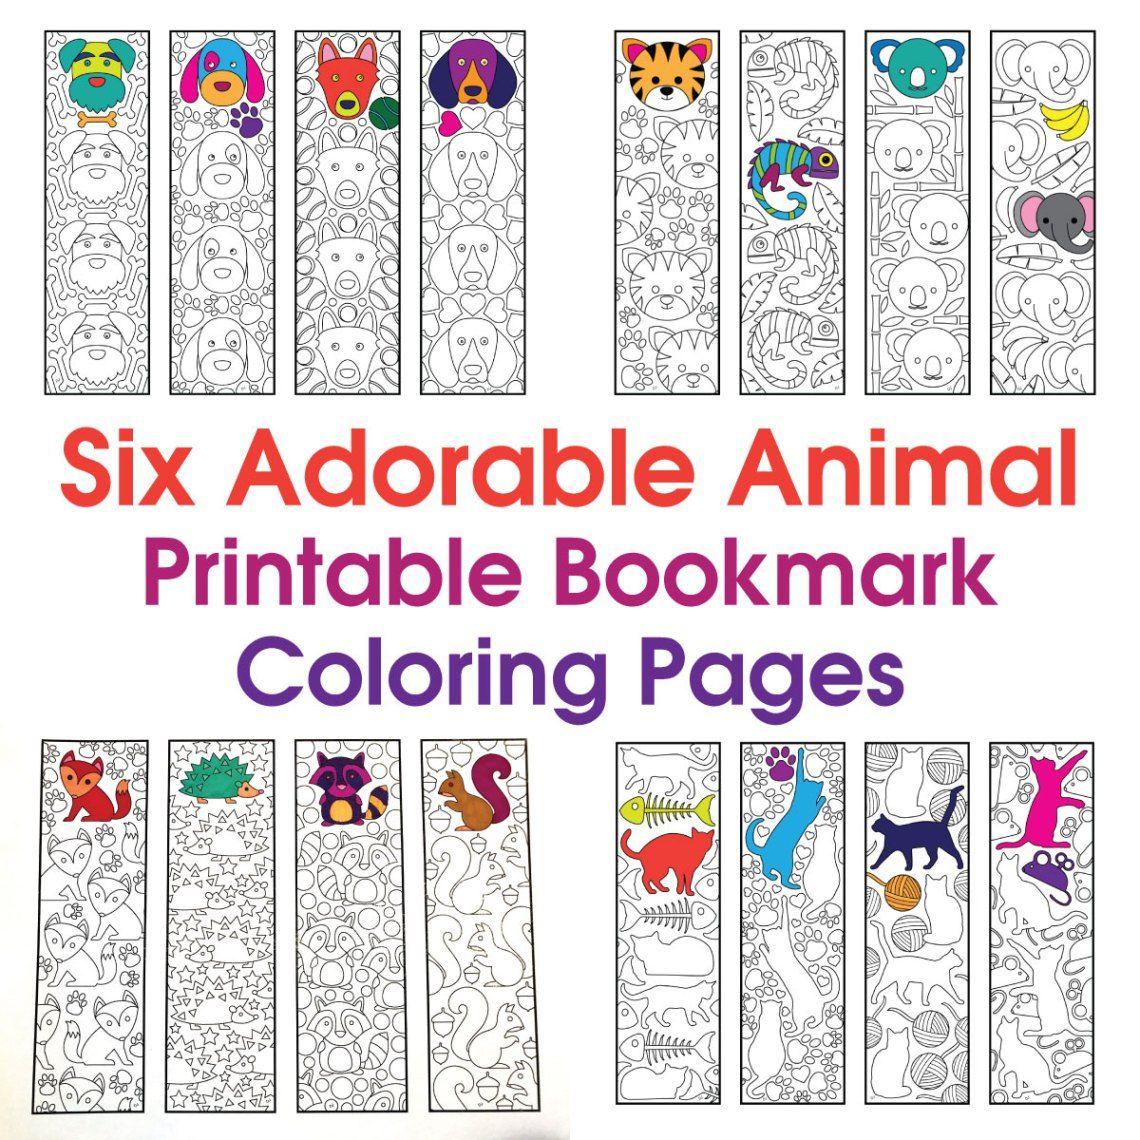 Six Adorable Animal Bookmarks Printable Coloring Pages Coloring Bookmarks Free Coloring Bookmarks Bookmarks Printable